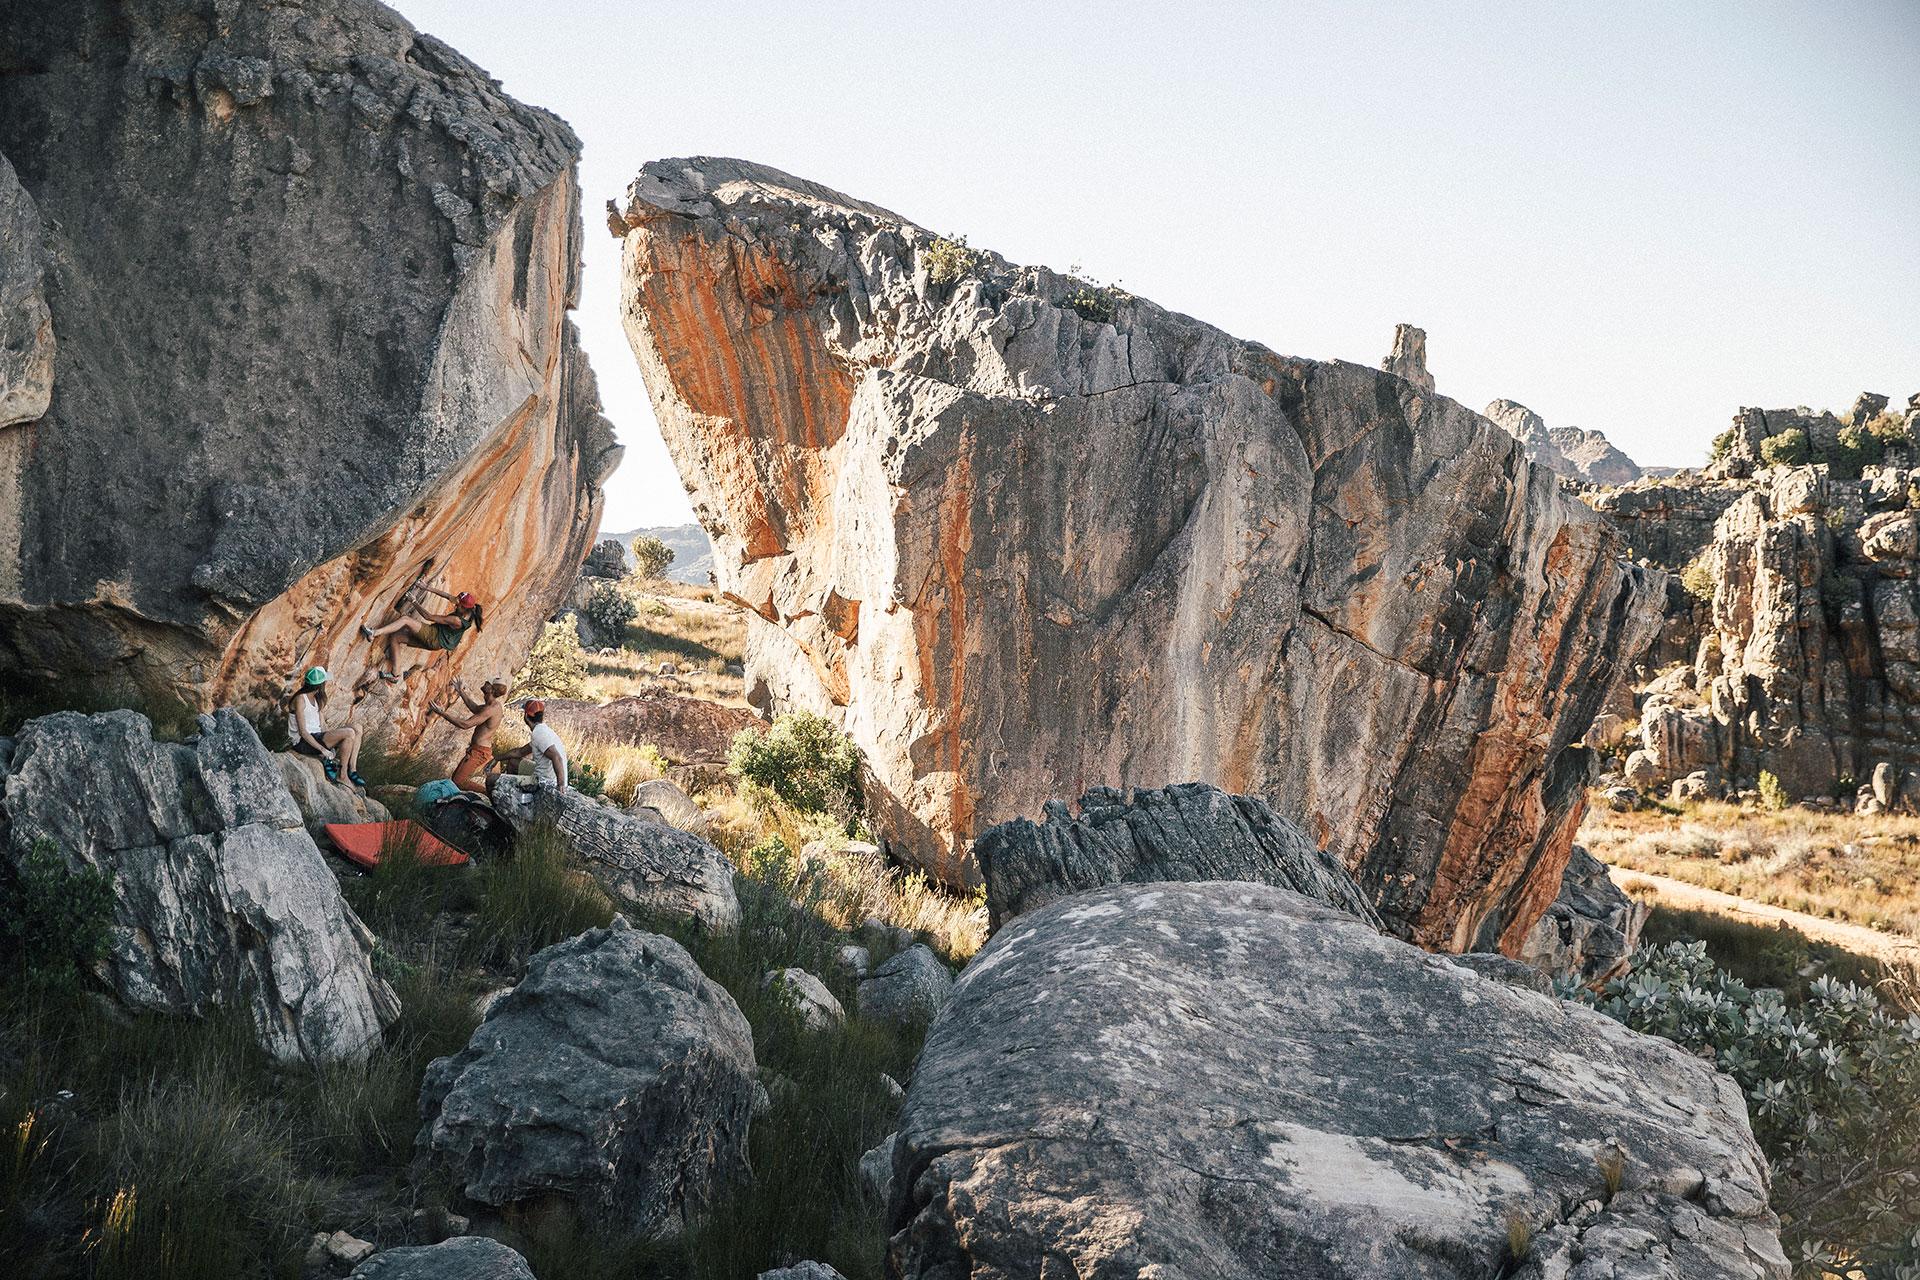 Landschaft Berge Klettern Sport Fotograf Rocklands Köln Südafrika Michael Müller